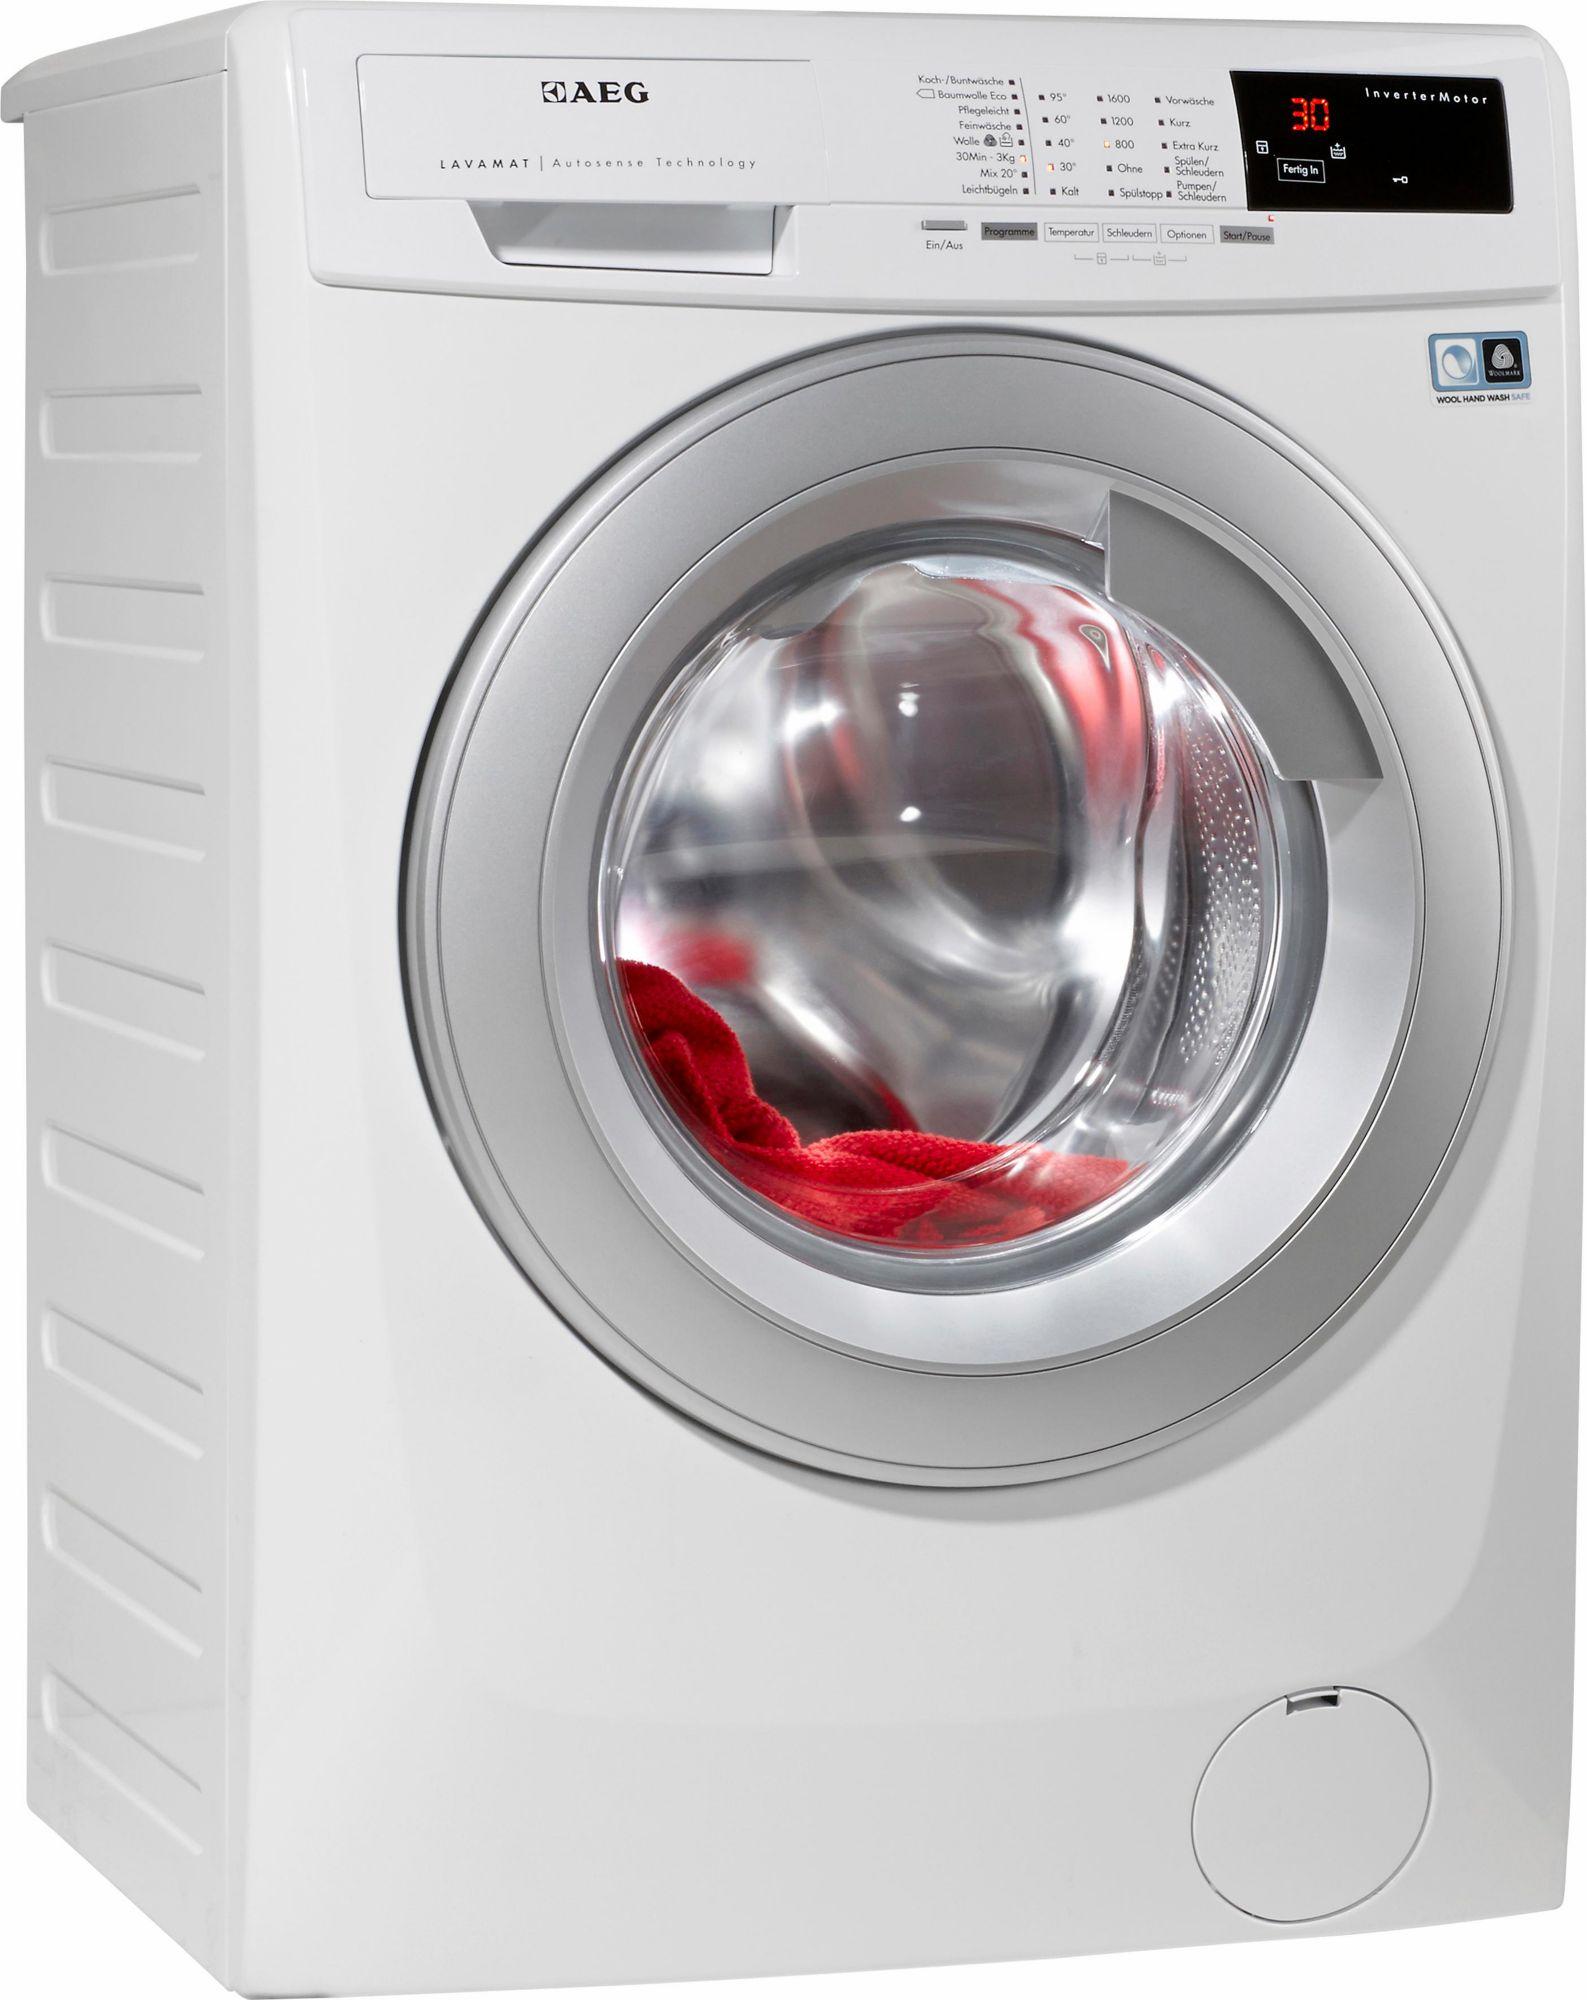 AEG ELECTROLUX AEG Waschmaschine LAVAMAT L14AS8, A+++, 8 kg, 1400 U/Min